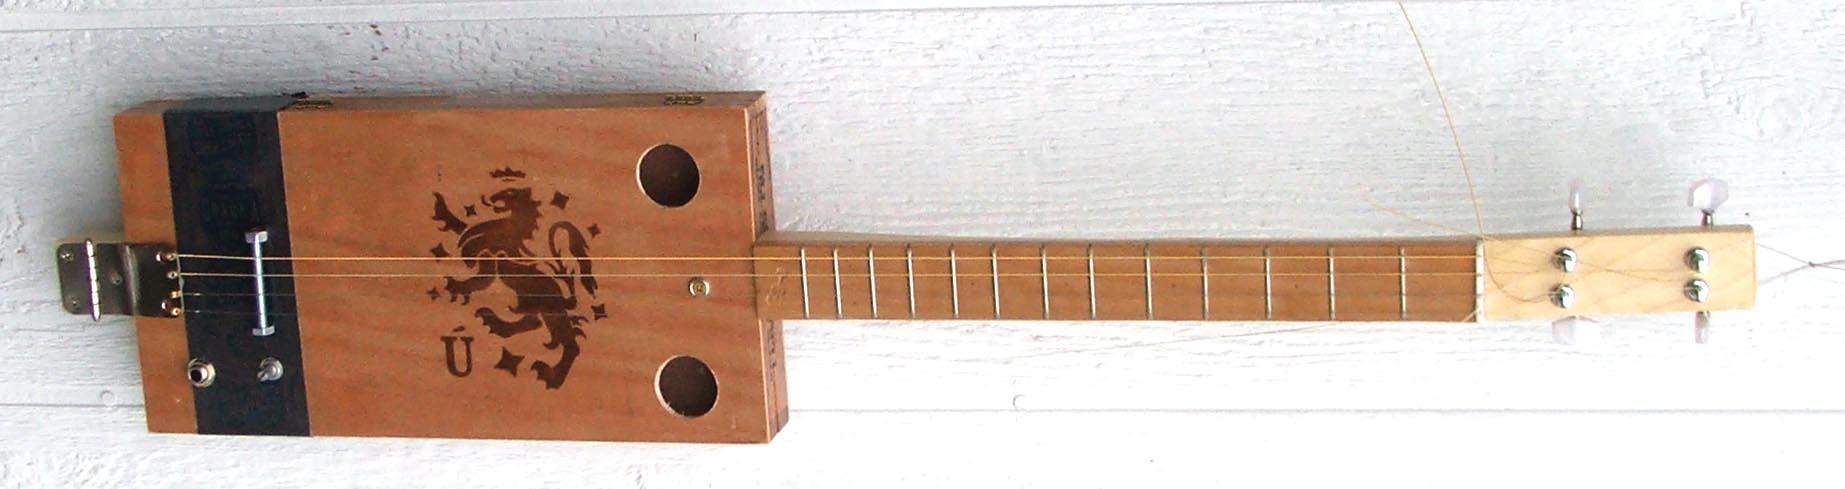 Price page tenor guitar.jpg